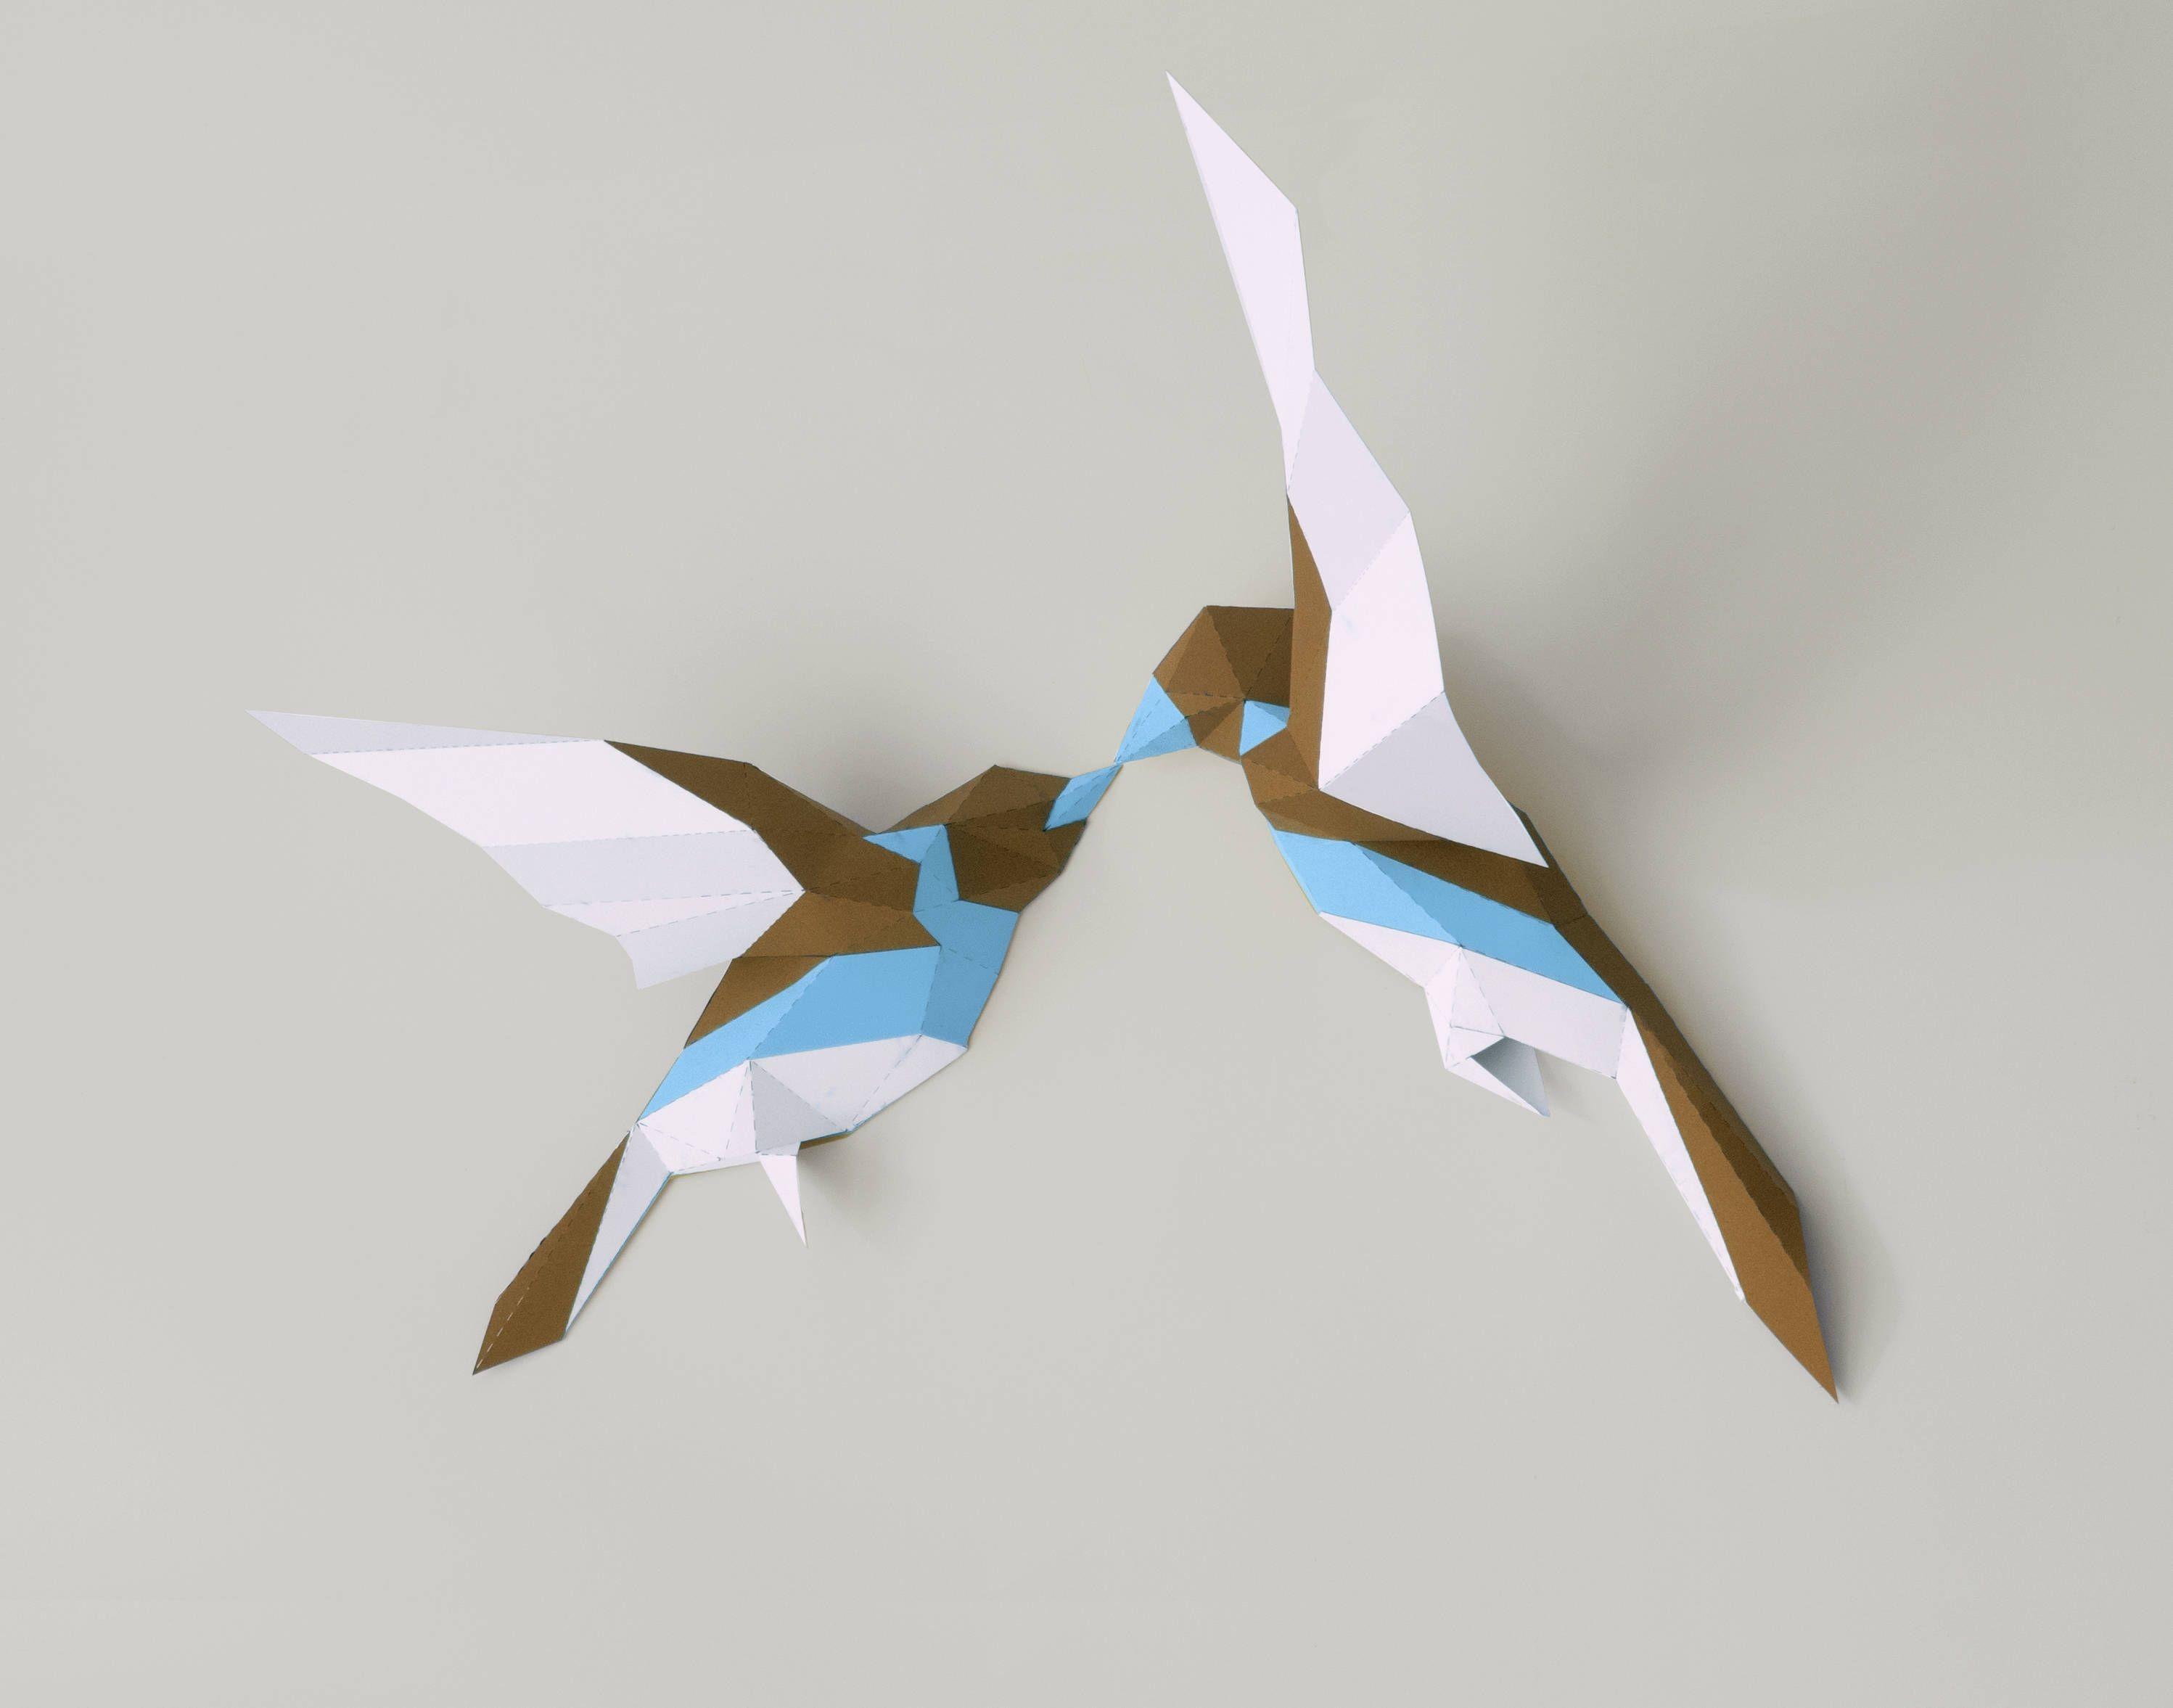 Bird Papercraft Birds Papercraftbirds Paper Artpaper Trophy3d Papercraft3d